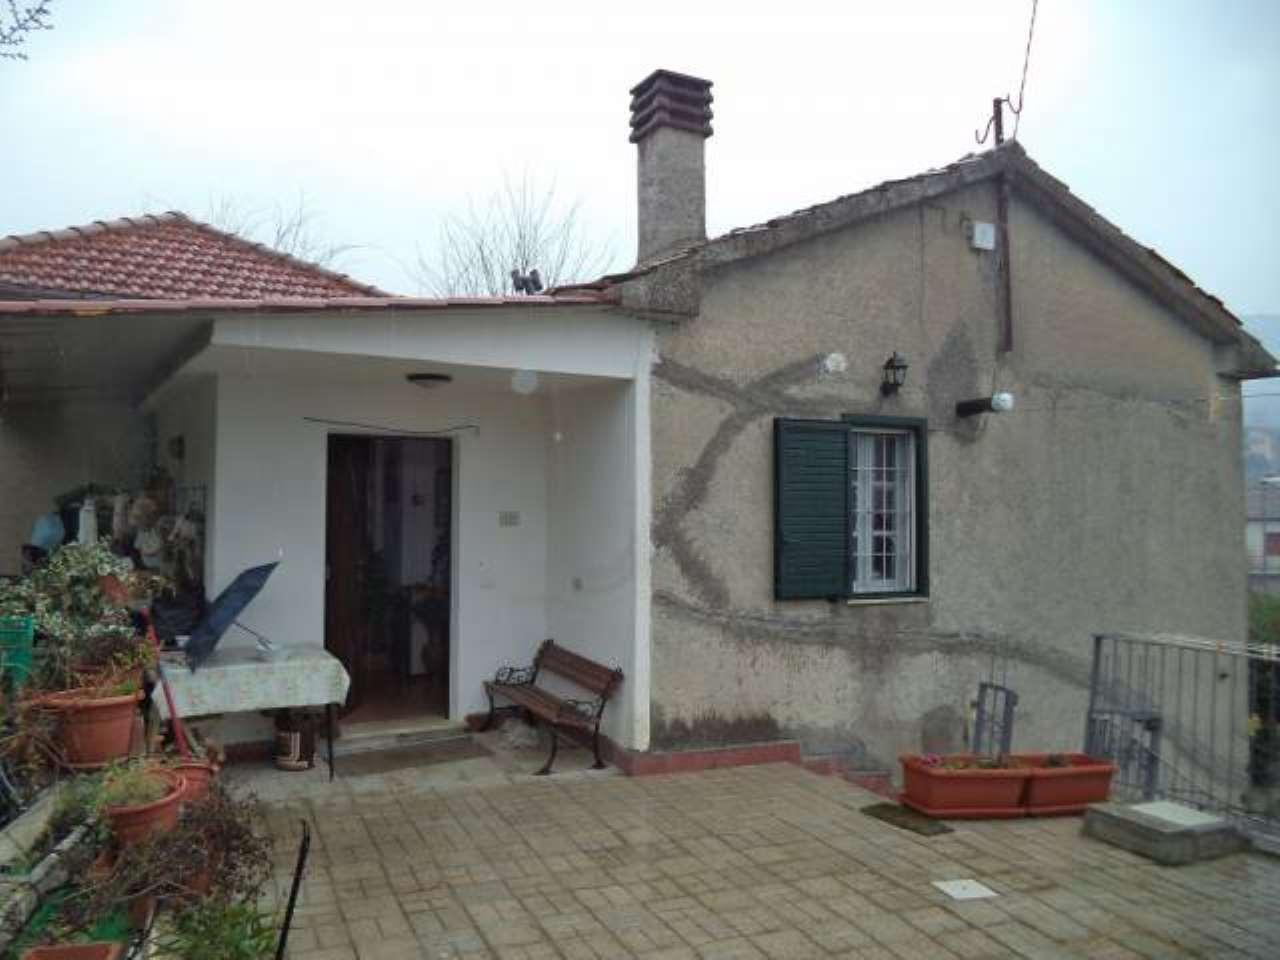 Villa in vendita a Colfelice, 3 locali, prezzo € 59.000 | CambioCasa.it